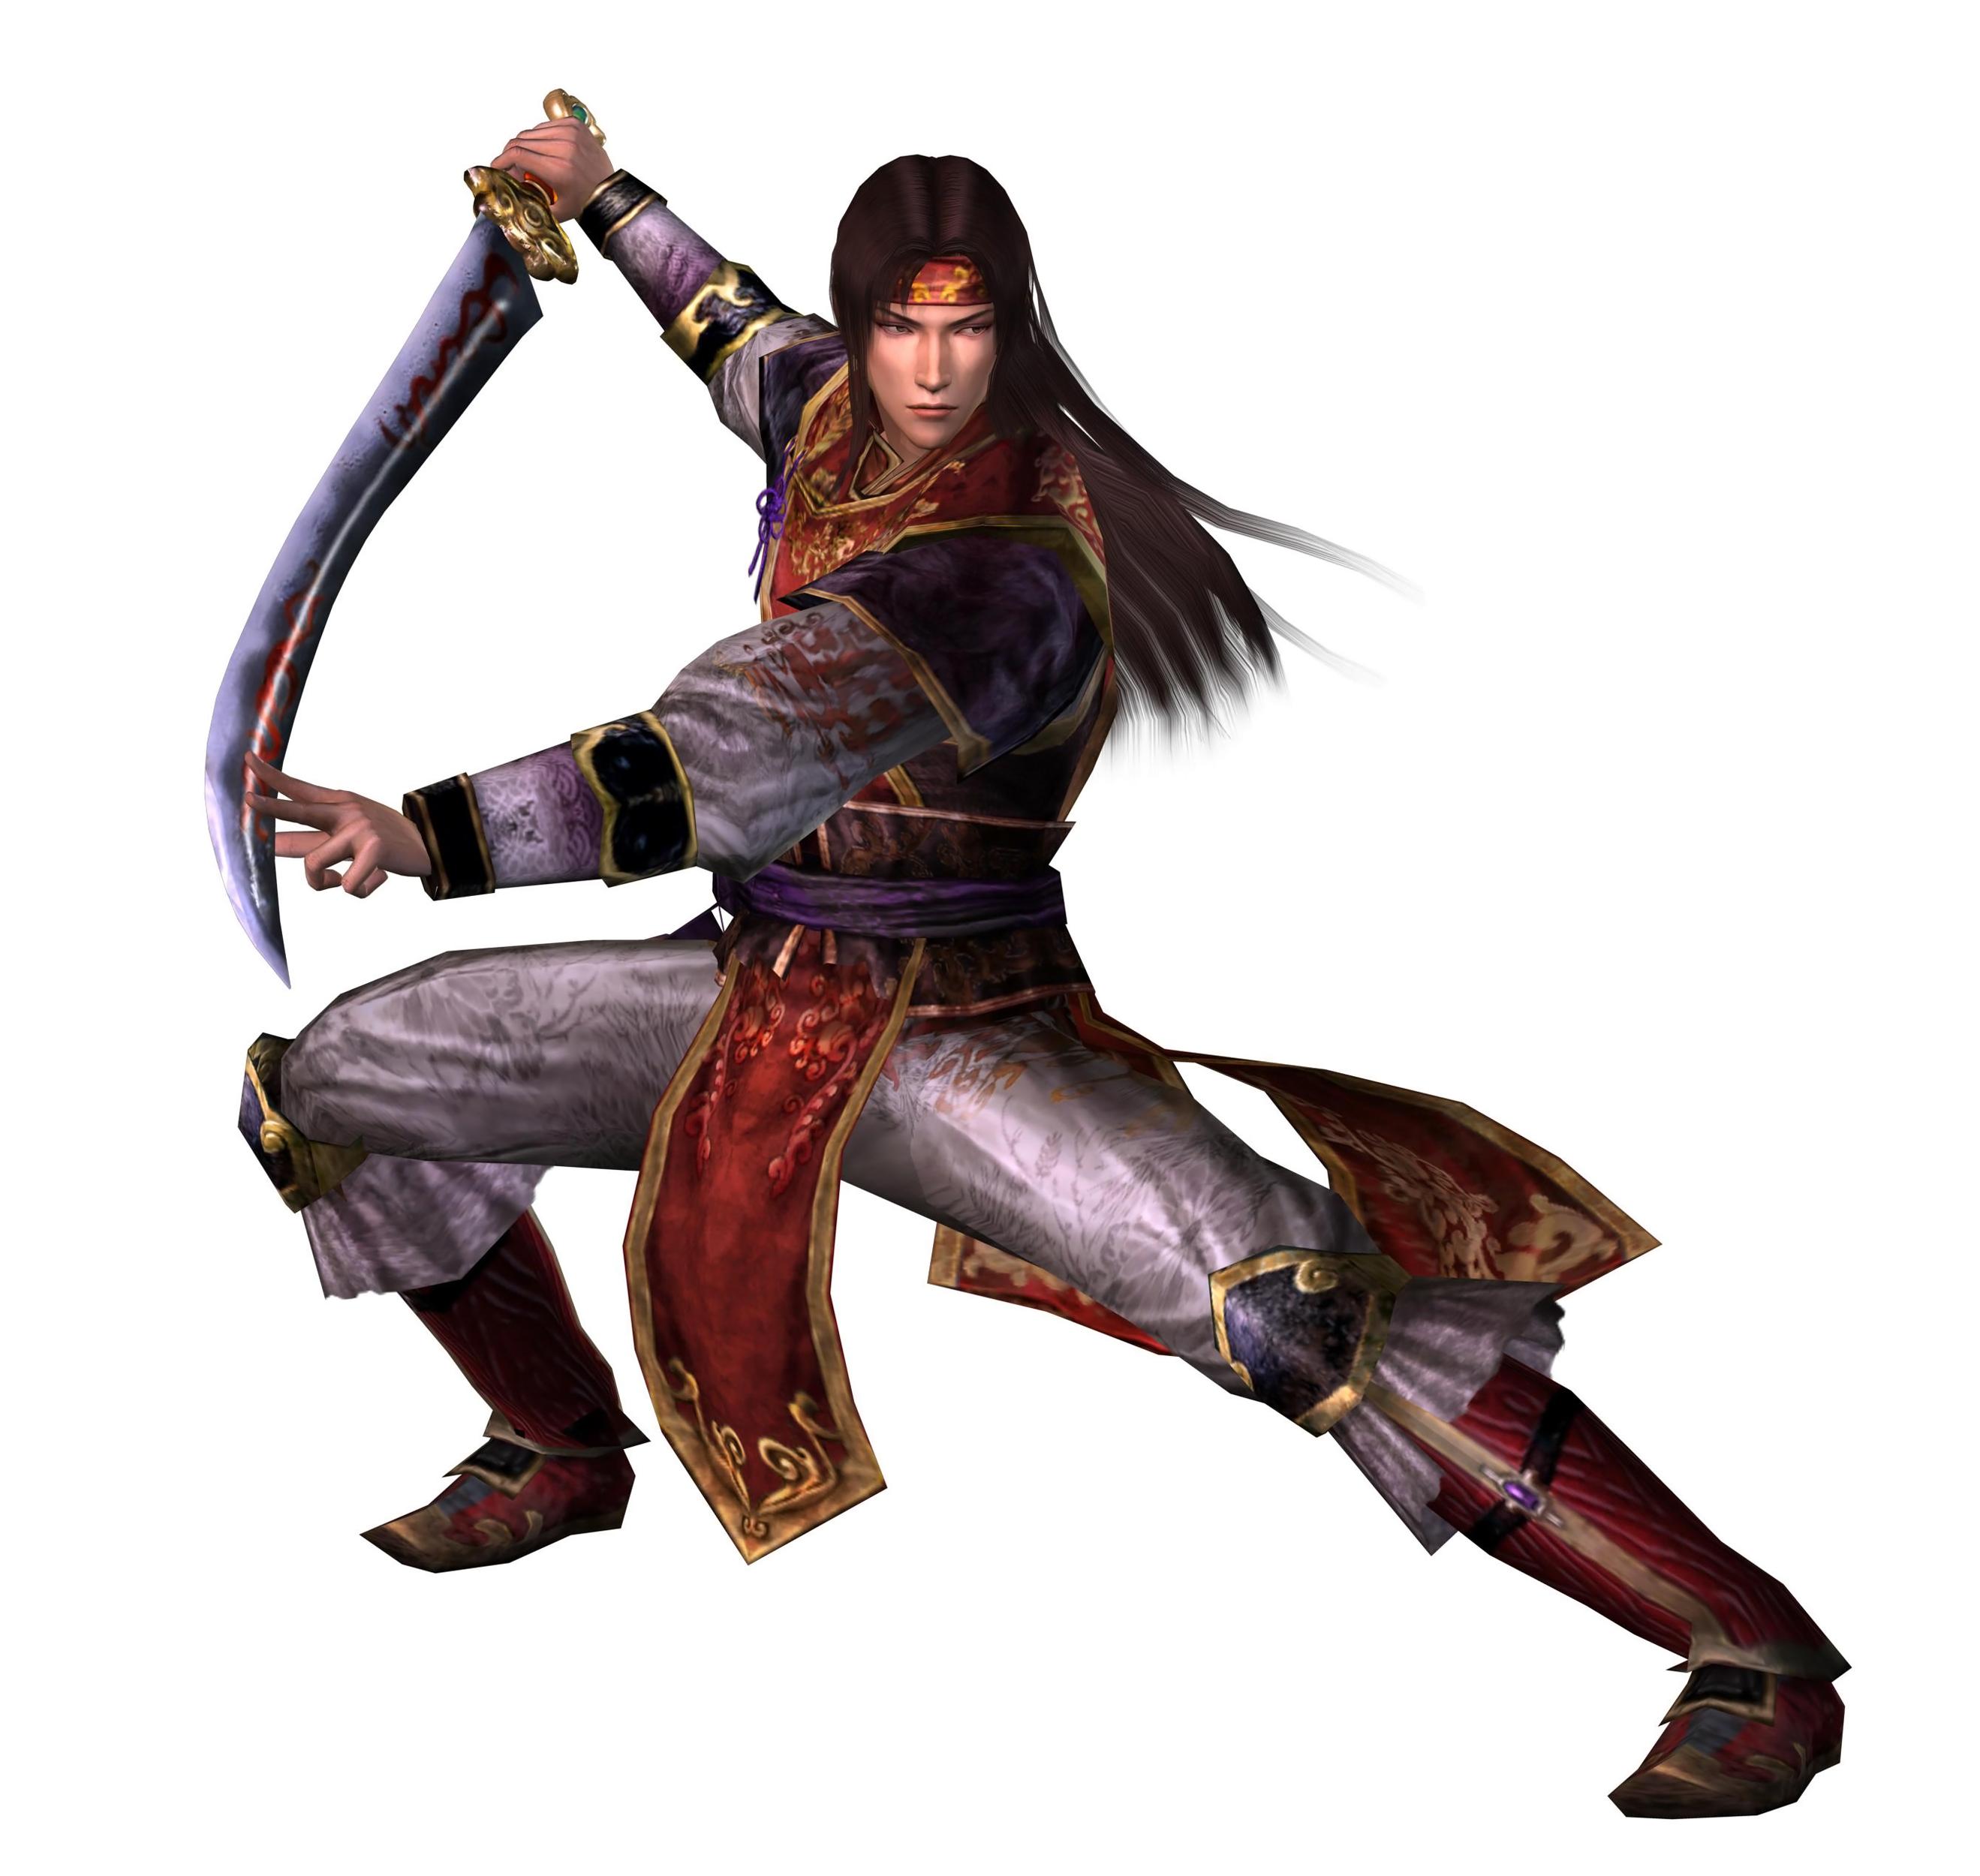 0216  November 16  2012  Zhou Yu Dynasty Warriors 8